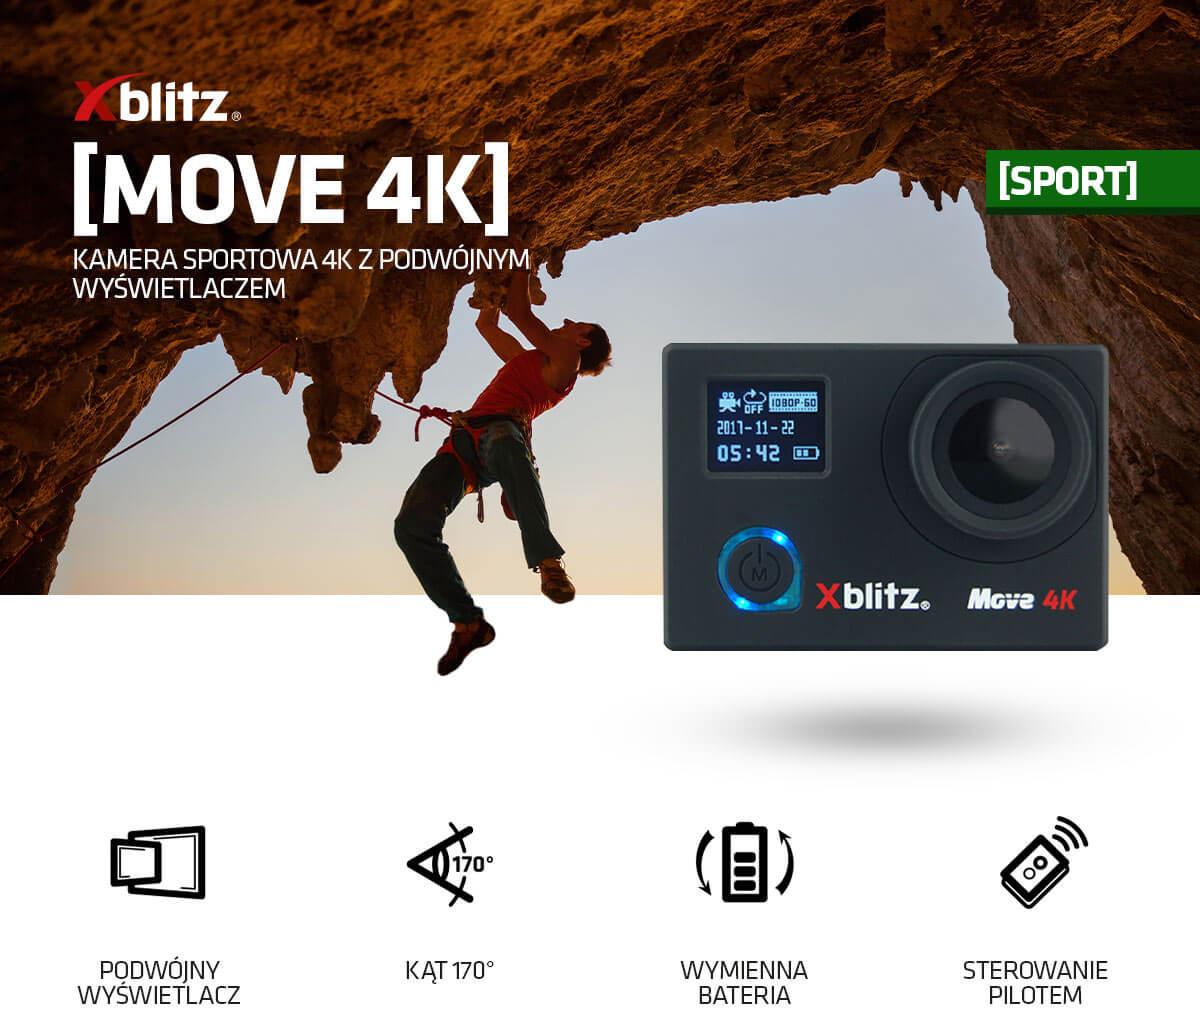 Kamera sportowa z podwójnym wyświetlaczem Xblitz Move 4K